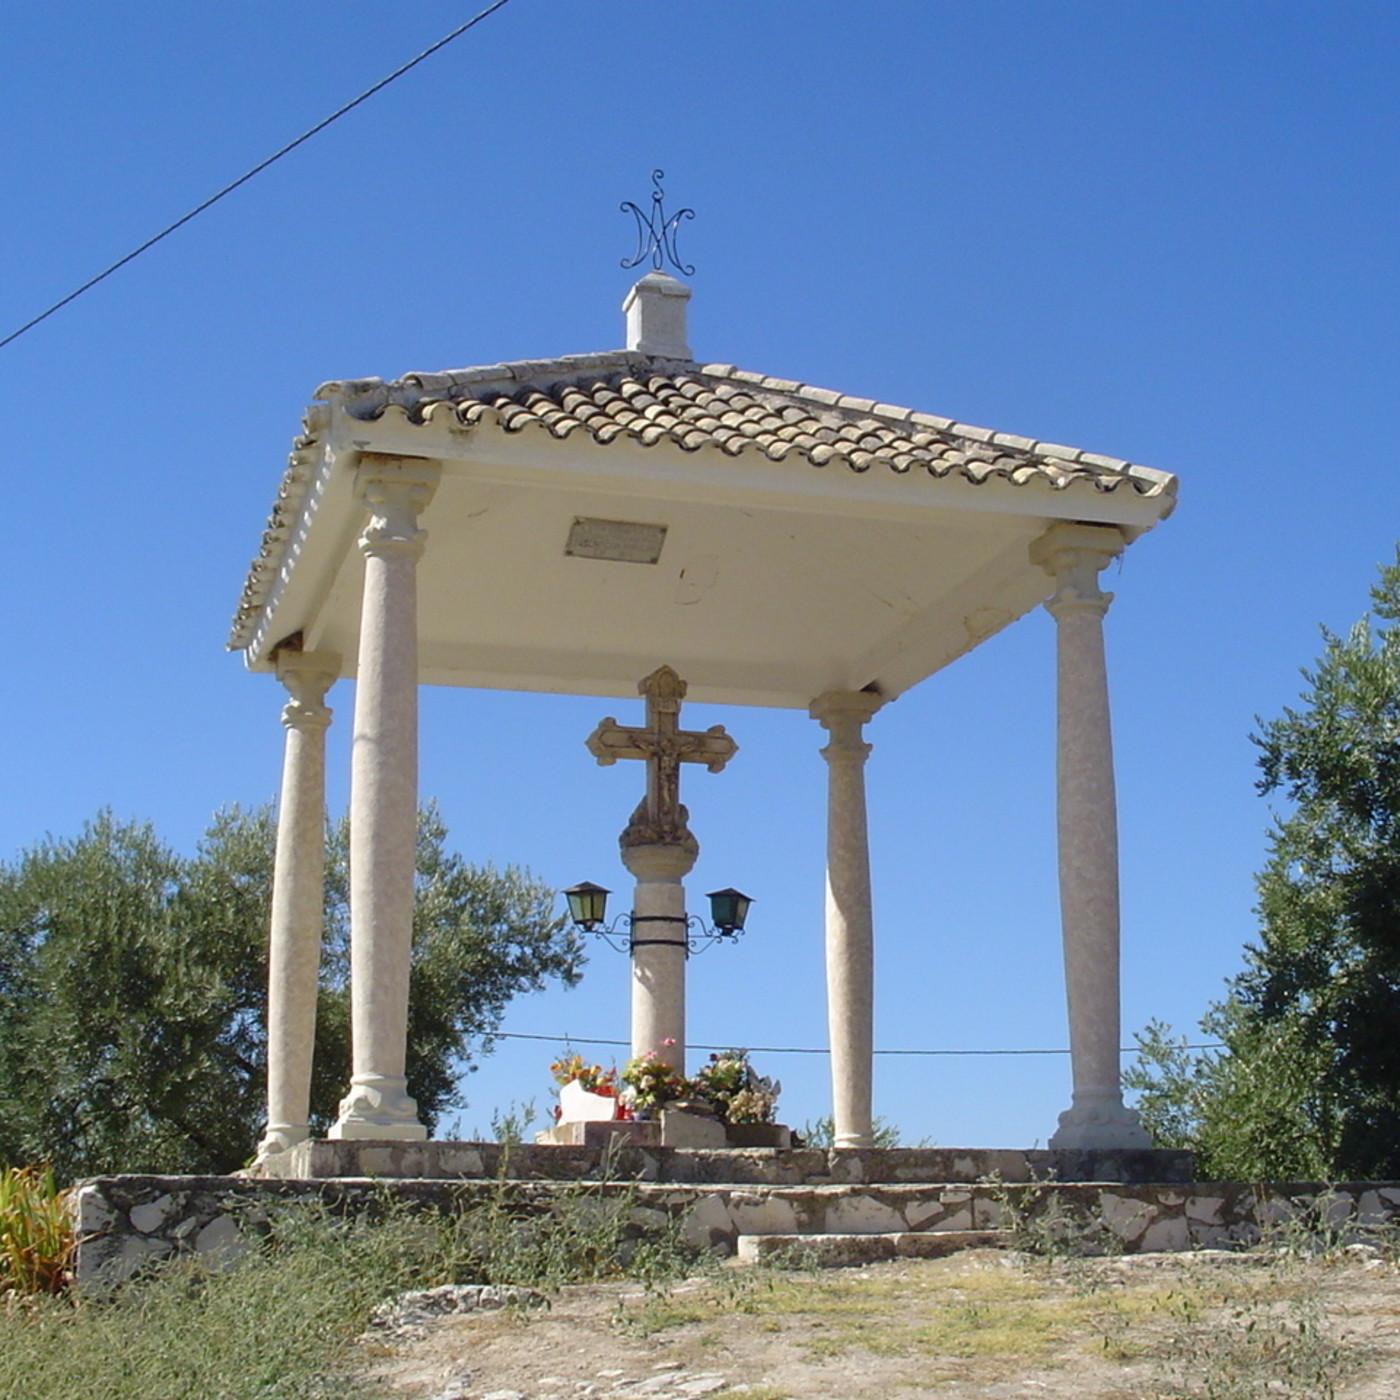 LA HISTORIA ENTRE LÍNEAS: La Cruz de la Abenabbás, un lugar con historia